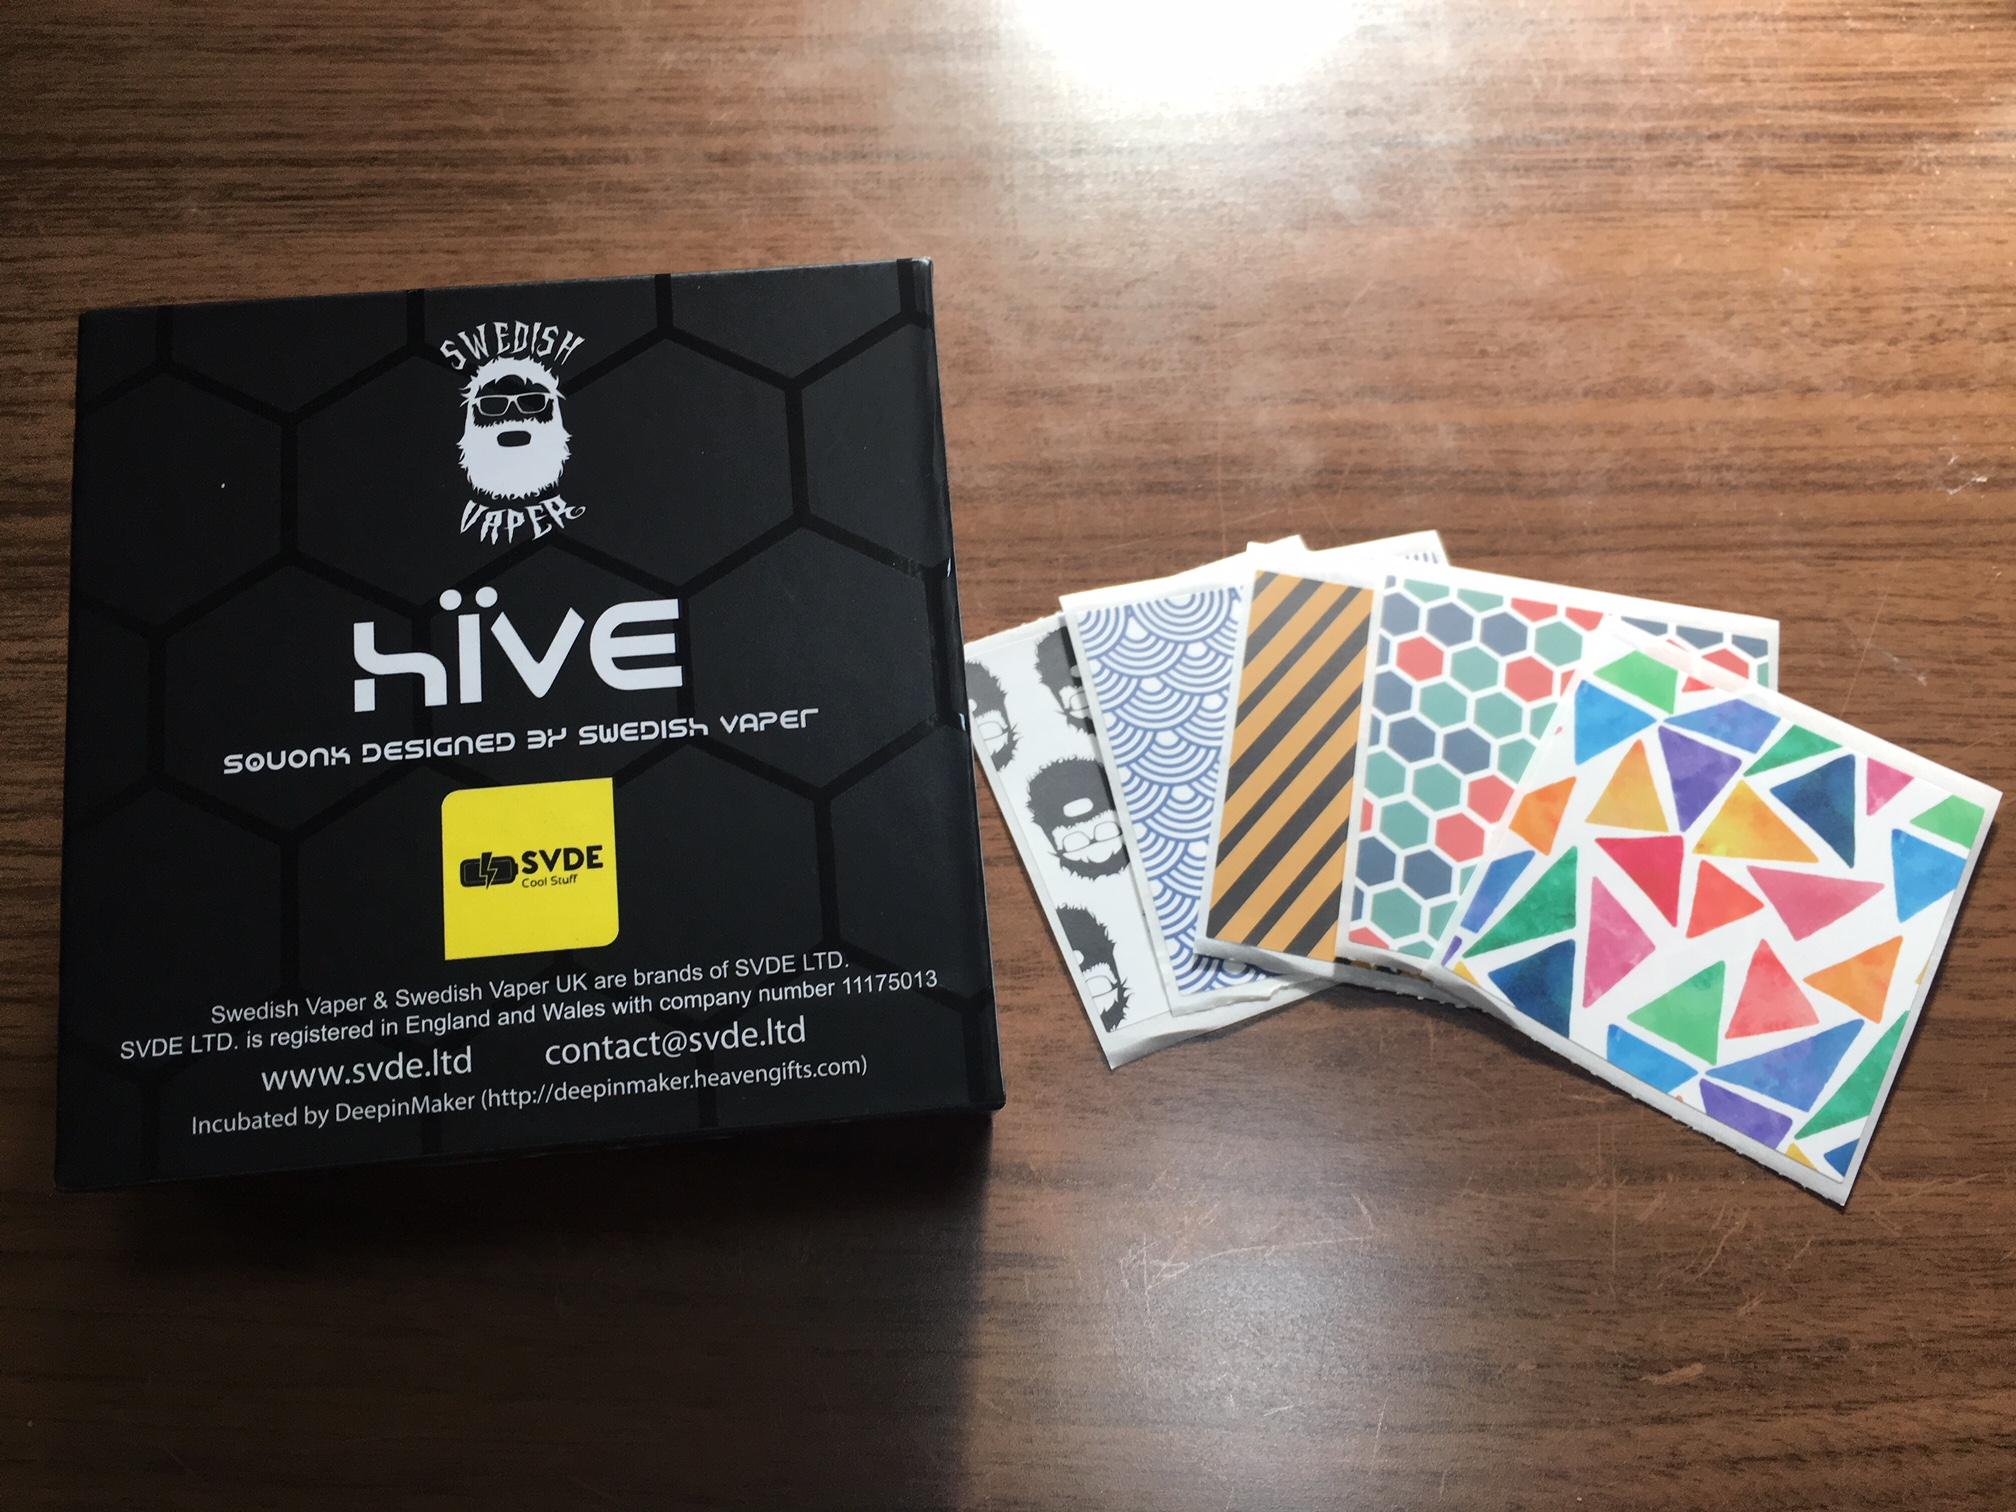 securedownload 11 - 【レビュー】「SWEDISH VAPER よりHIVE(Swedish Vaper Hive Squonk Kit with Dinky RDA)」初めてのメカスコは蜂のように可愛いヤツ【UKデザイン/BF/SQUONKER】